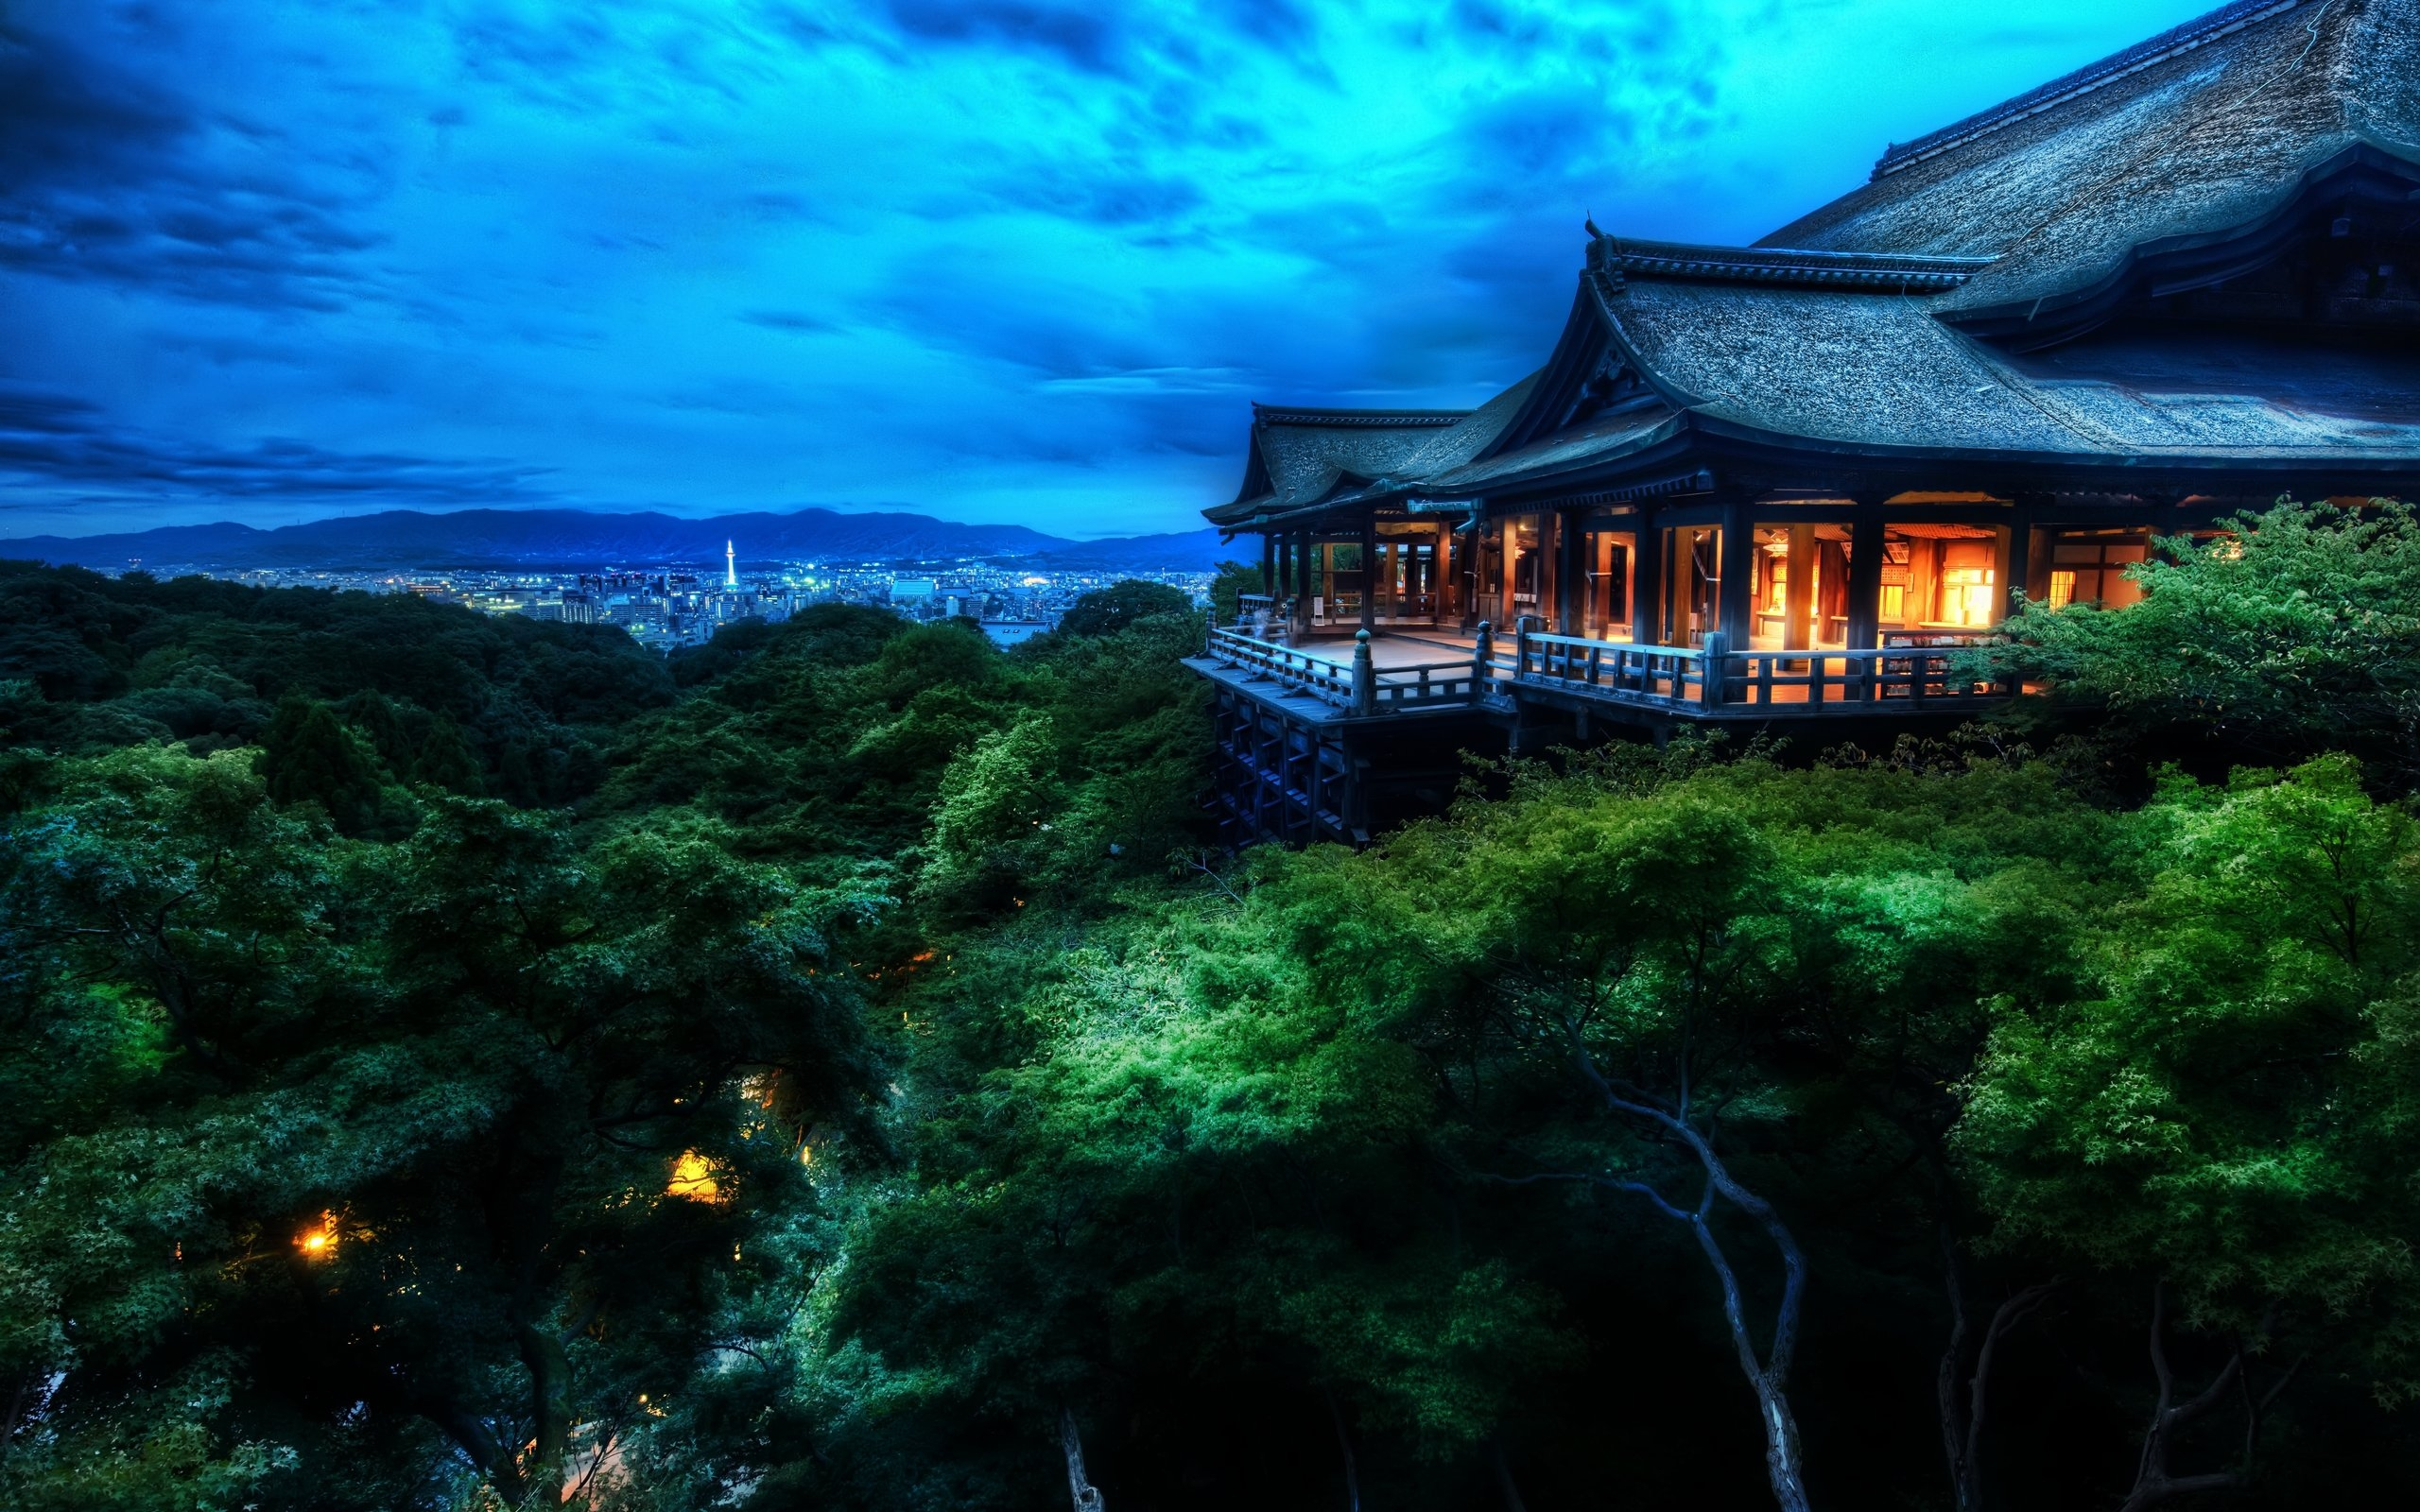 36933 скачать обои Архитектура, Пейзаж, Азия - заставки и картинки бесплатно